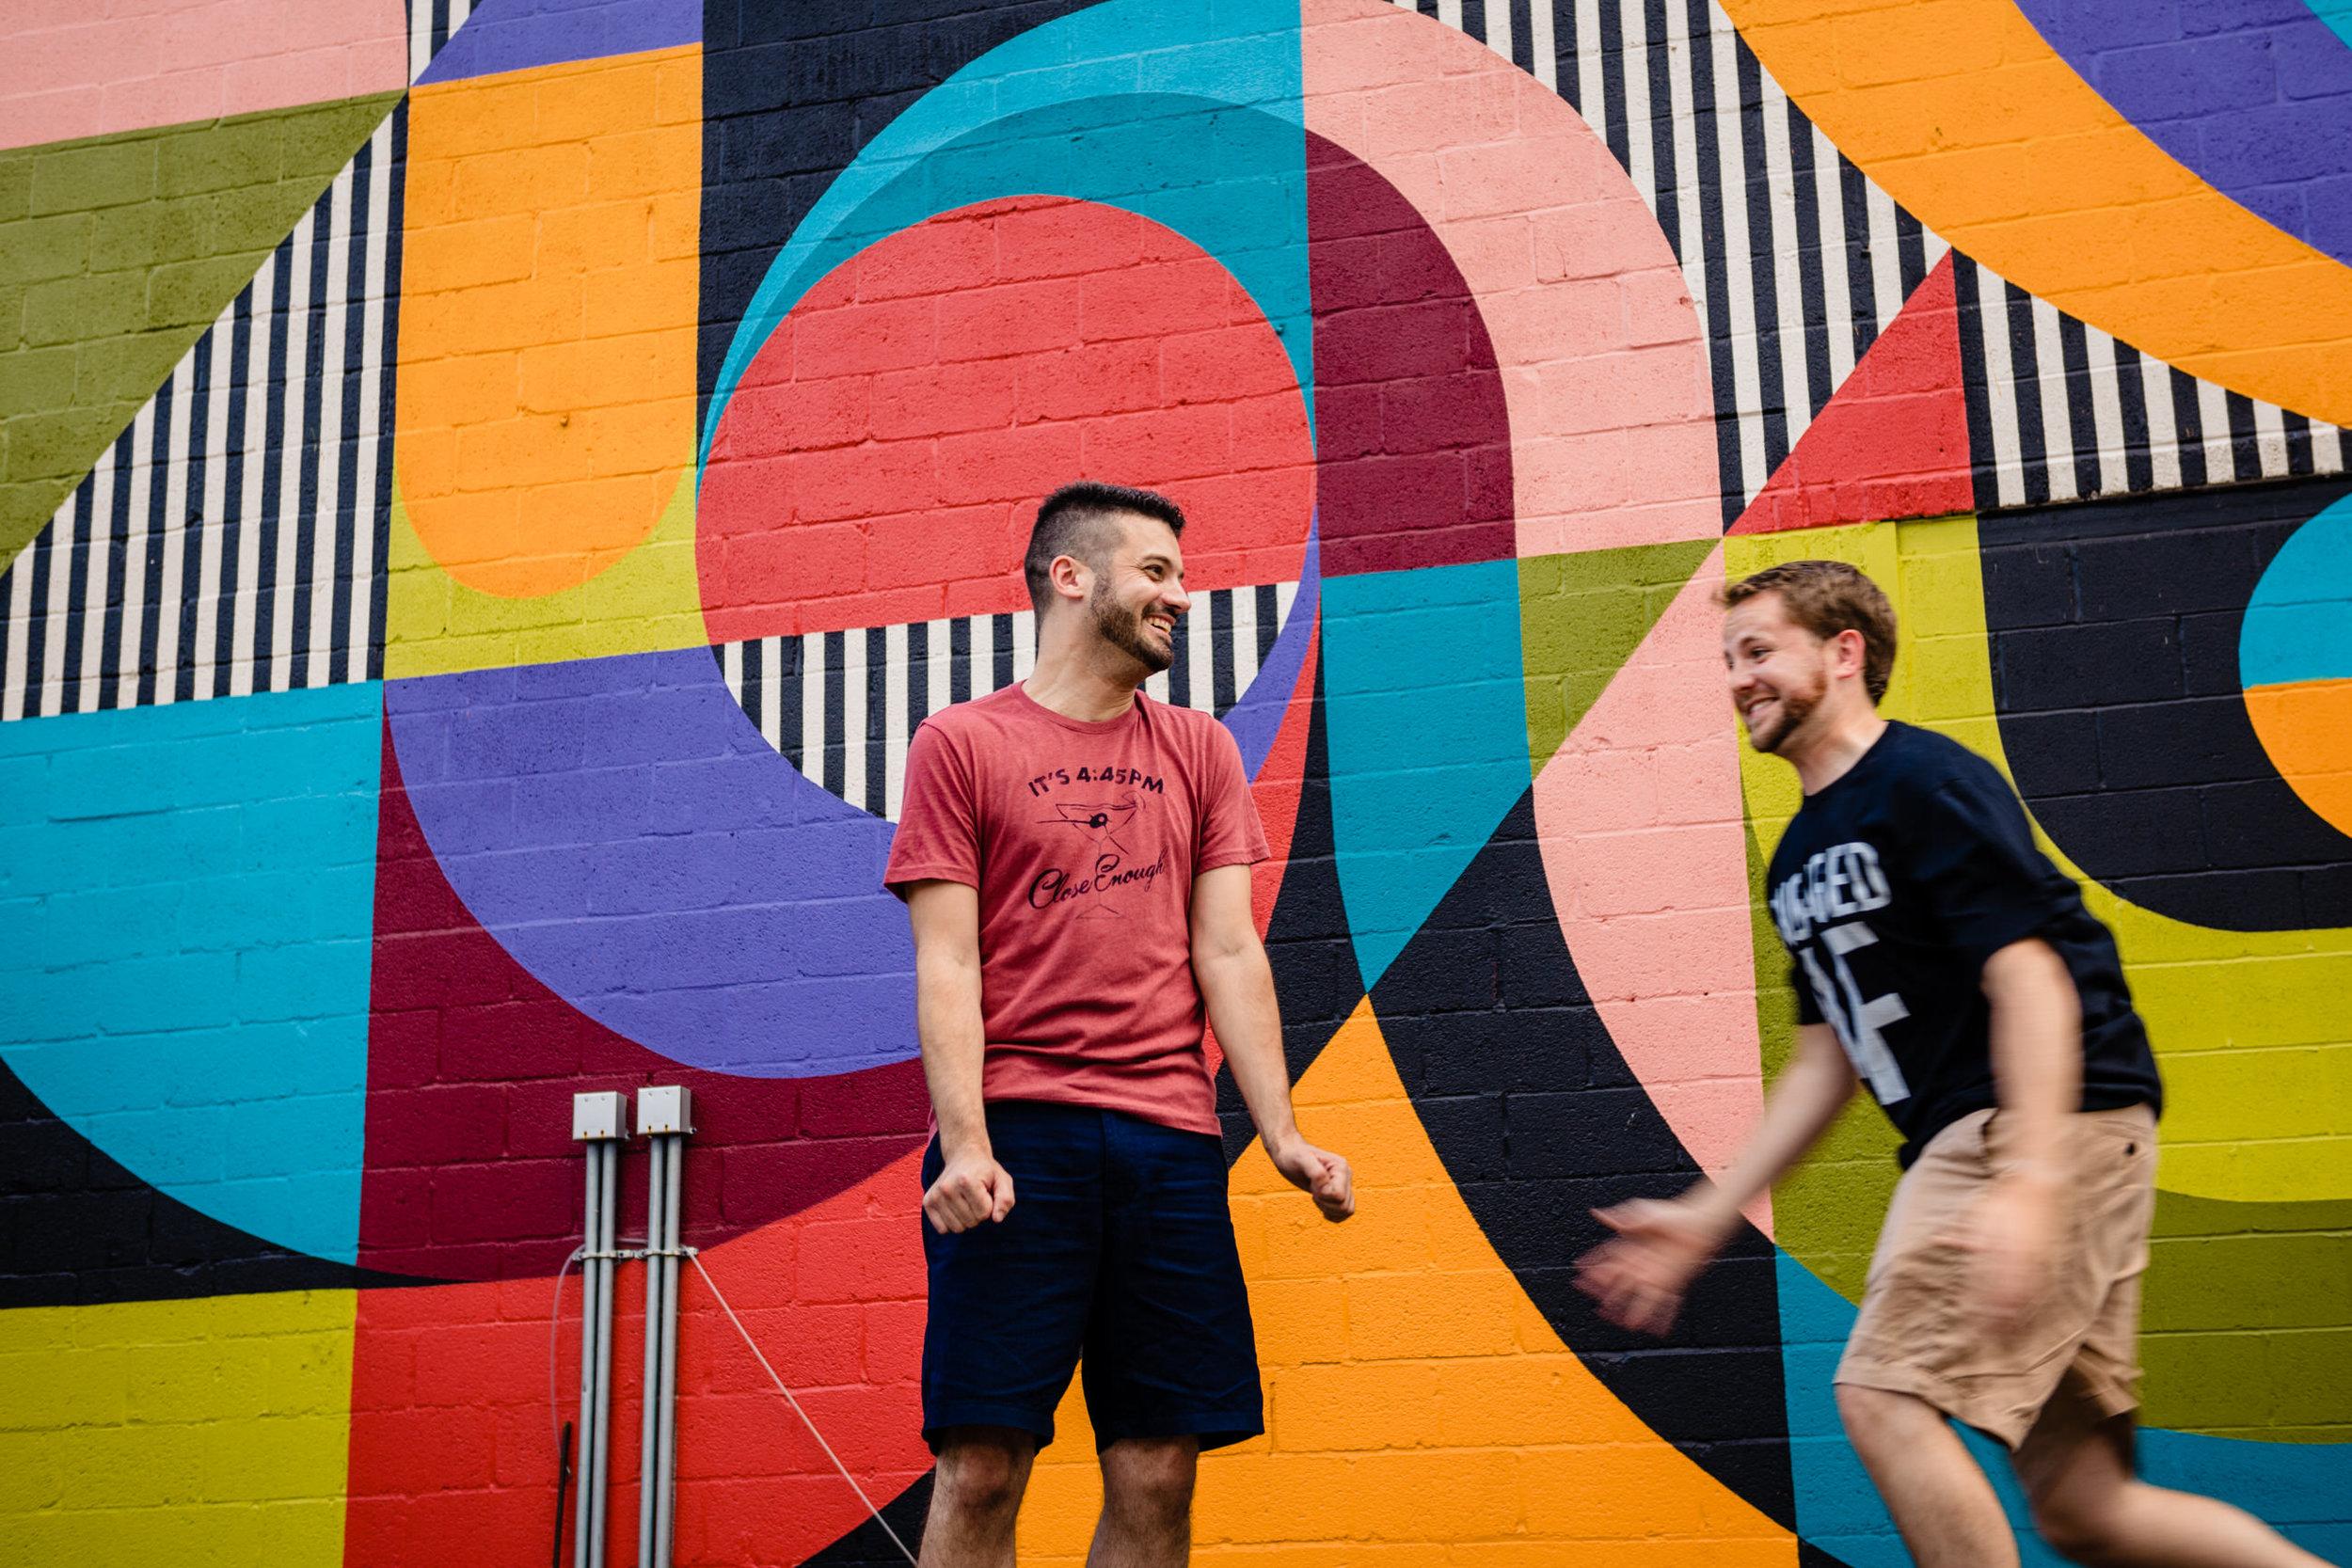 BaltimoreEngagementSession-Brian&Josh-27.jpg